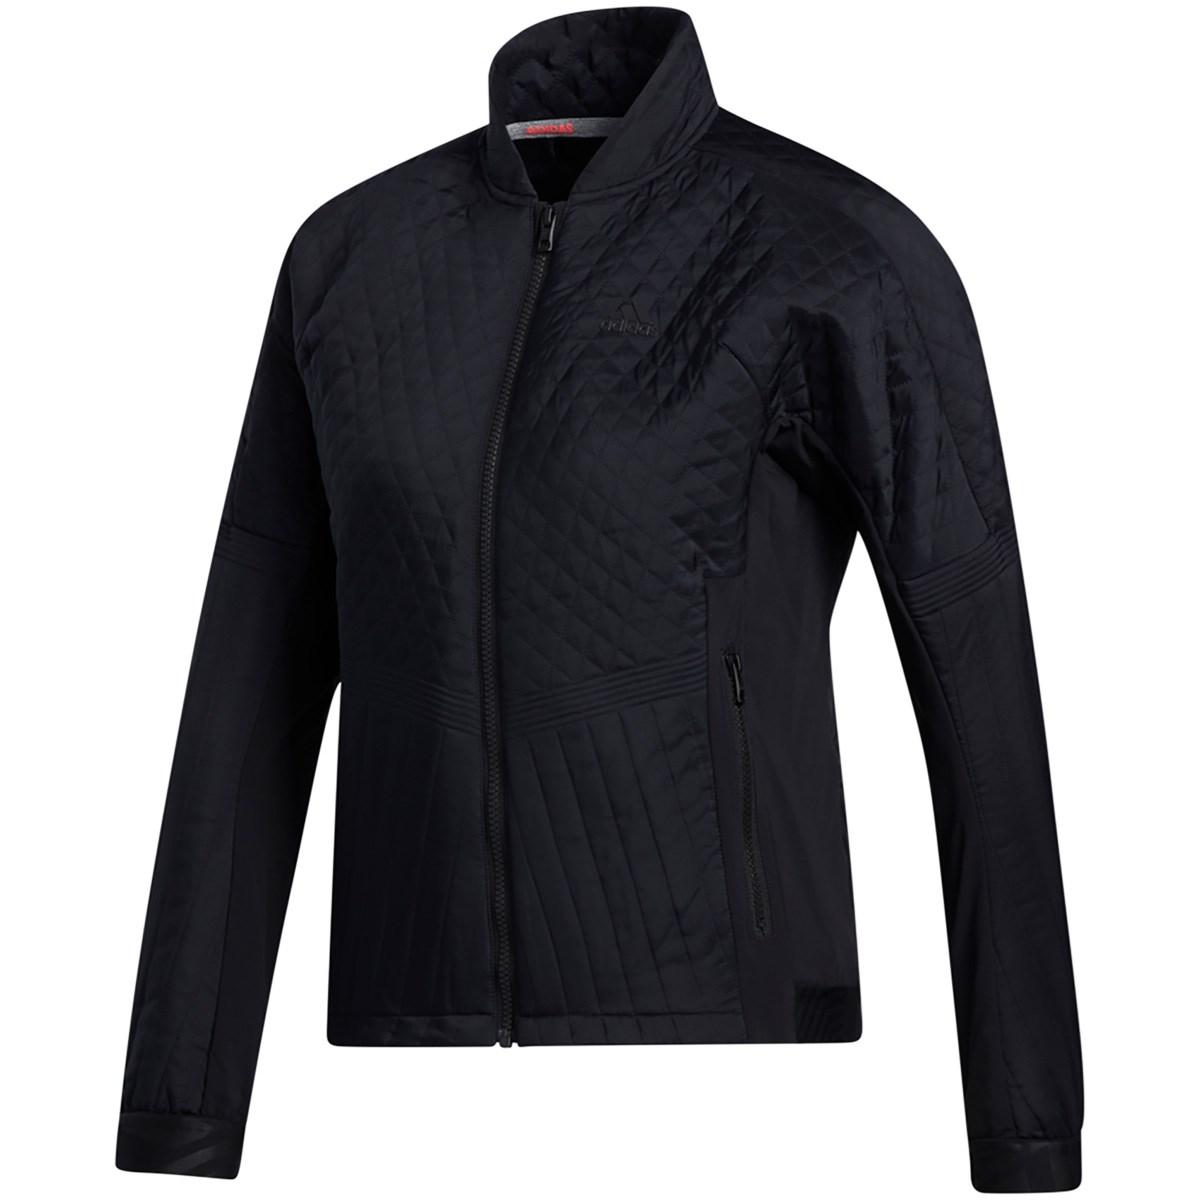 アディダス Adidas スポーツキルティング フルジップ ストレッチジャケット J/M ブラック レディス